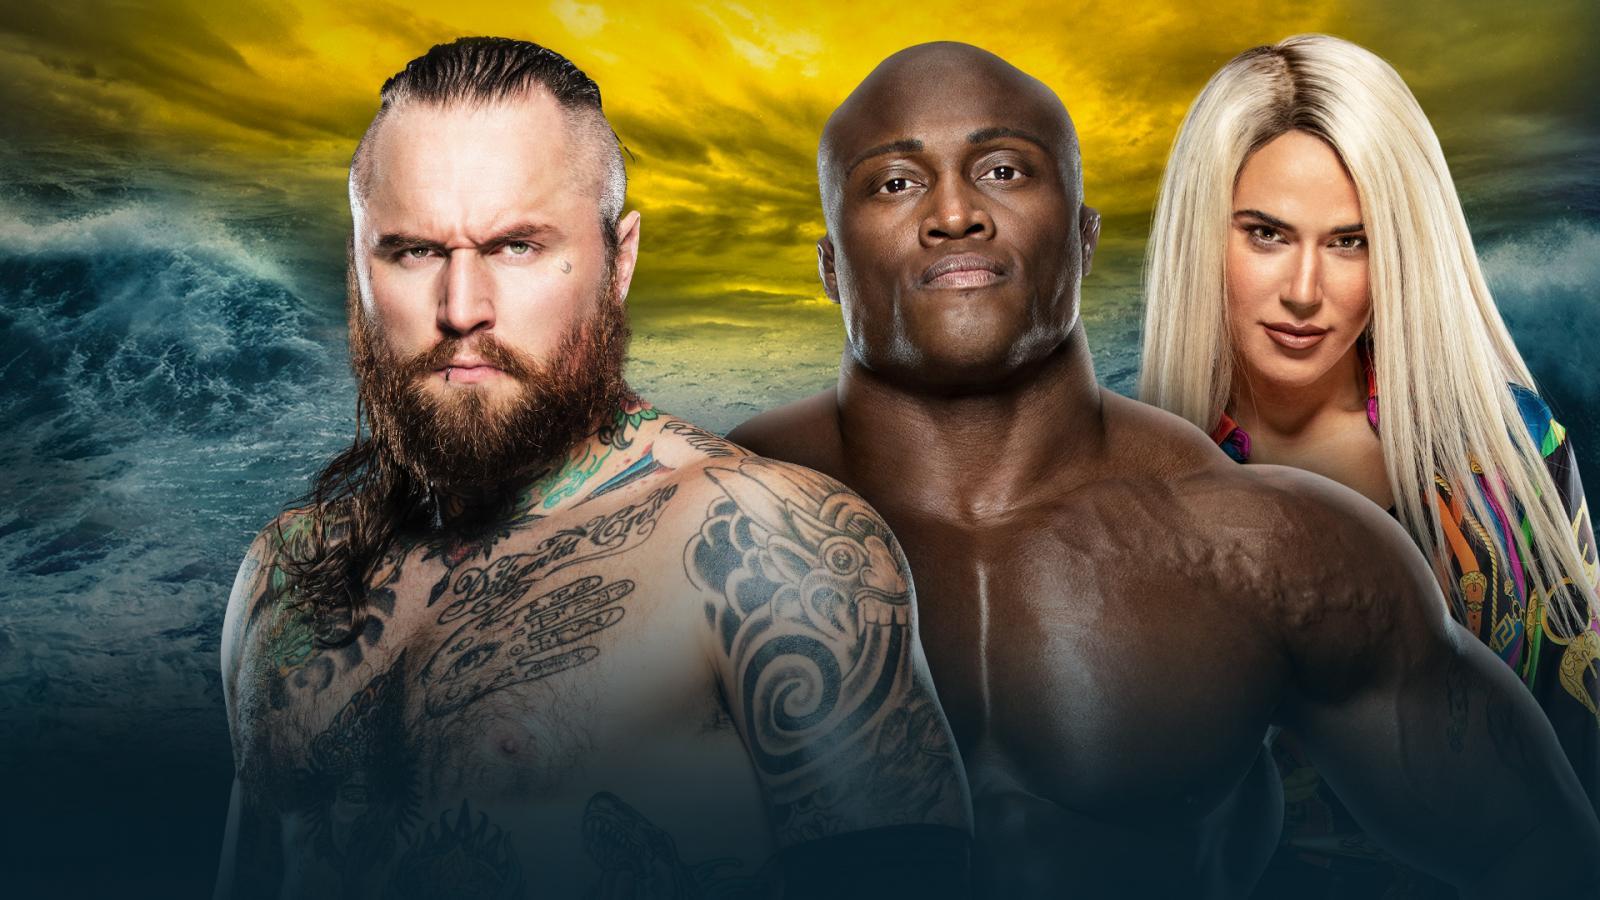 ULTIMA HORA: Dos luchas más se anuncian para WrestleMania 36 1